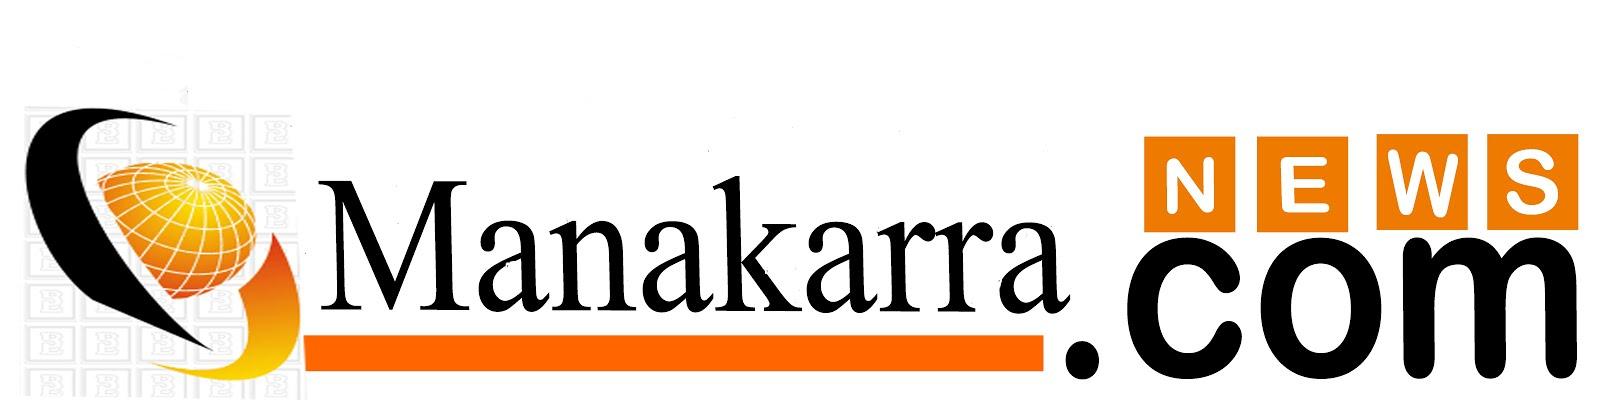 Manakarra news